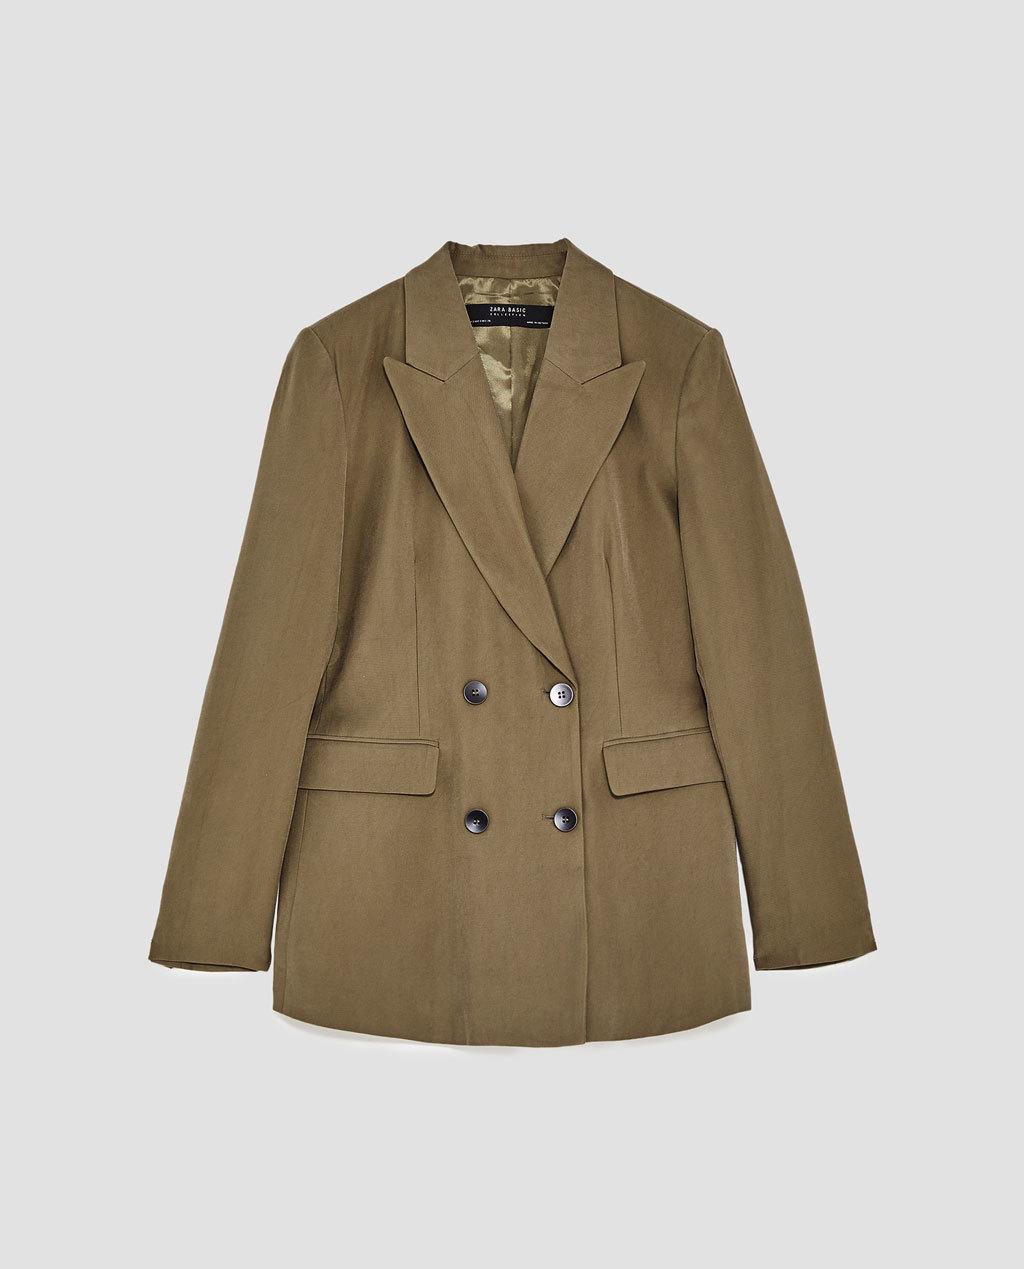 Blazer de Zara (39,95 euros).